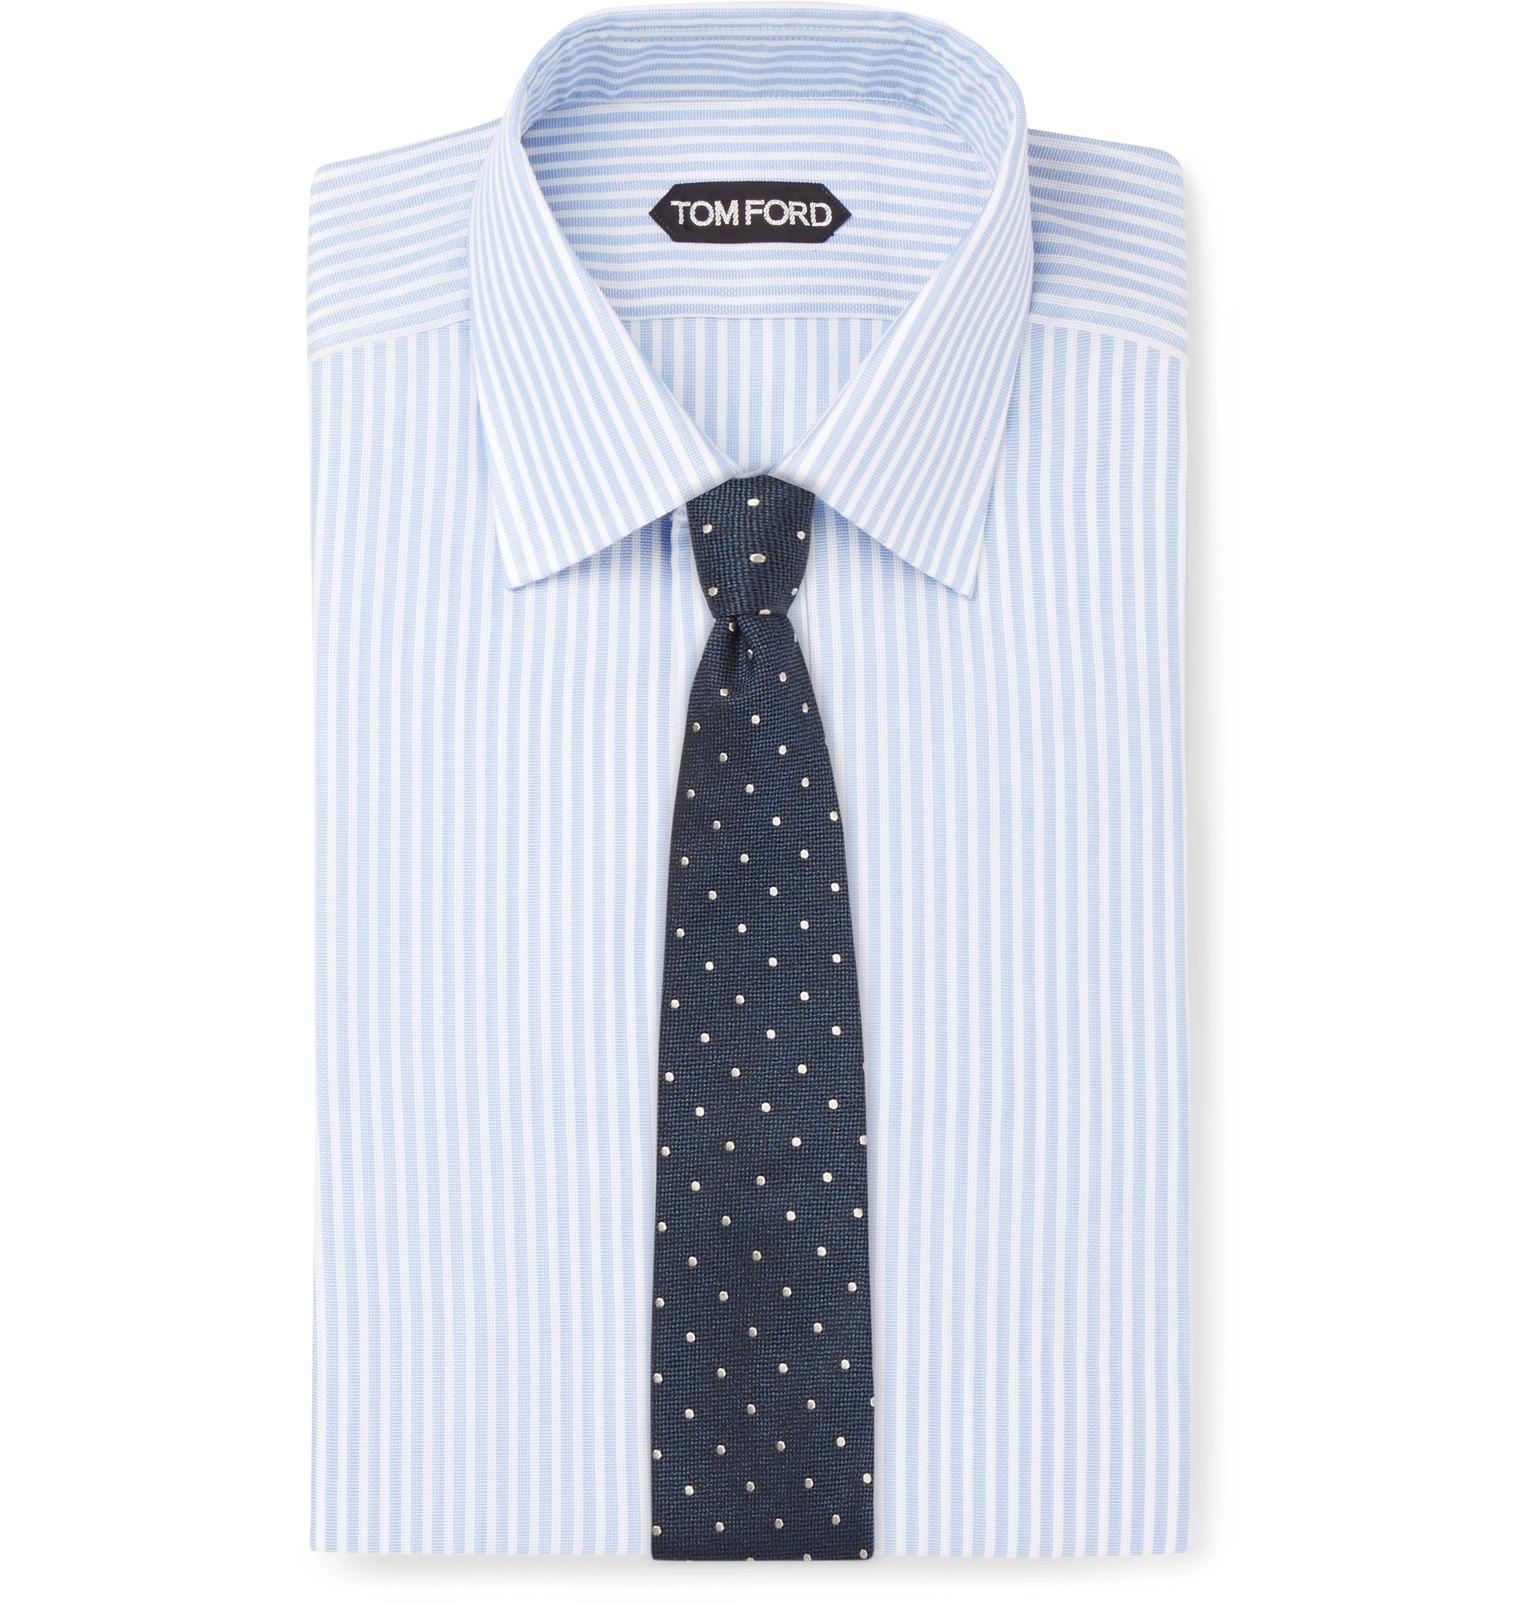 sélectionner pour authentique design exquis Pré-commander Comment assortir cravate et chemise ? Les meilleurs conseils